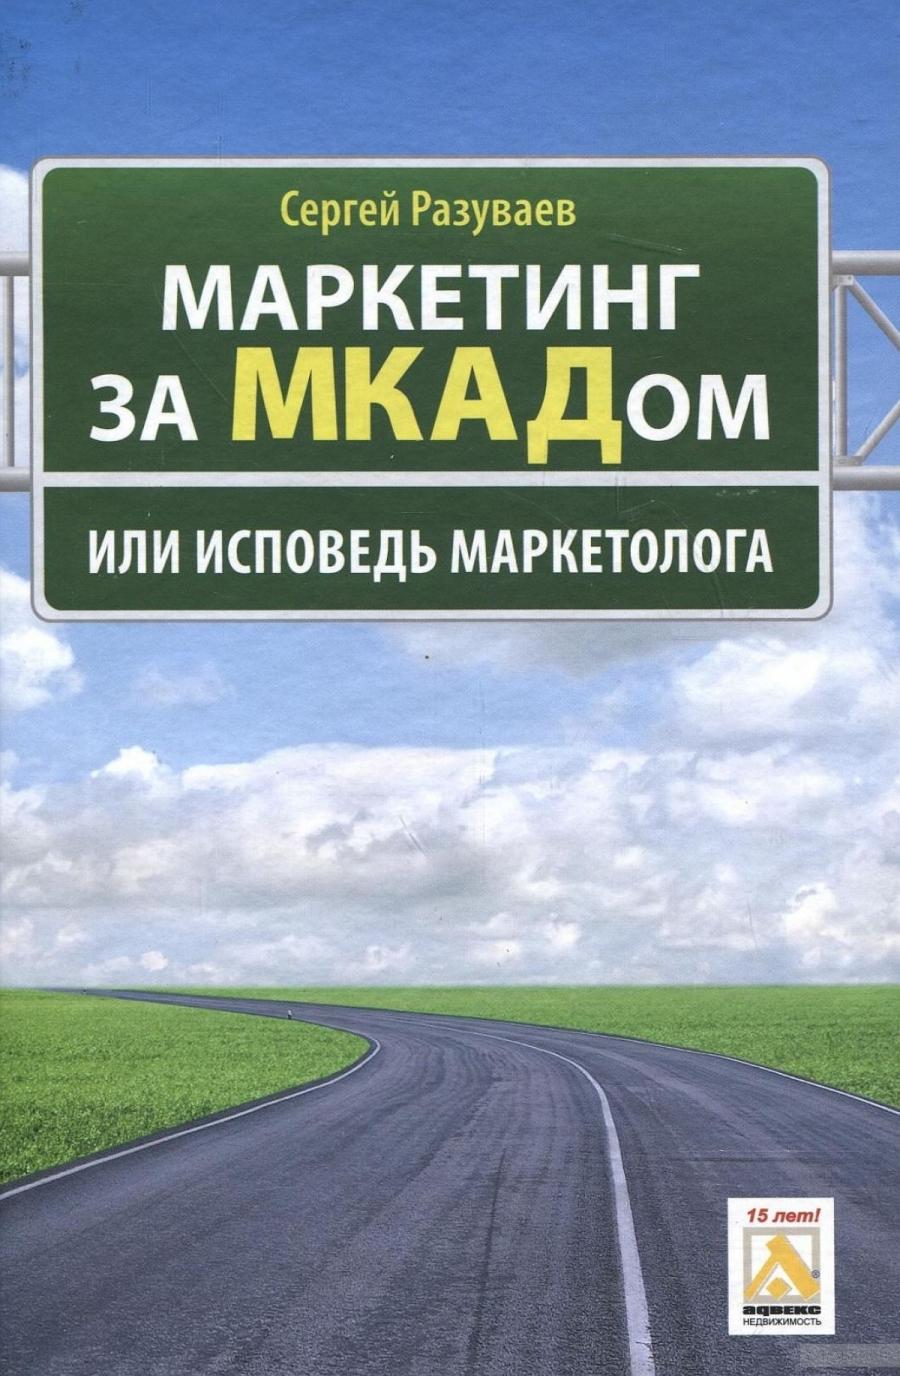 Обложка книги:  сергей разуваев - маркетинг за мкадом, или исповедь маркетолога